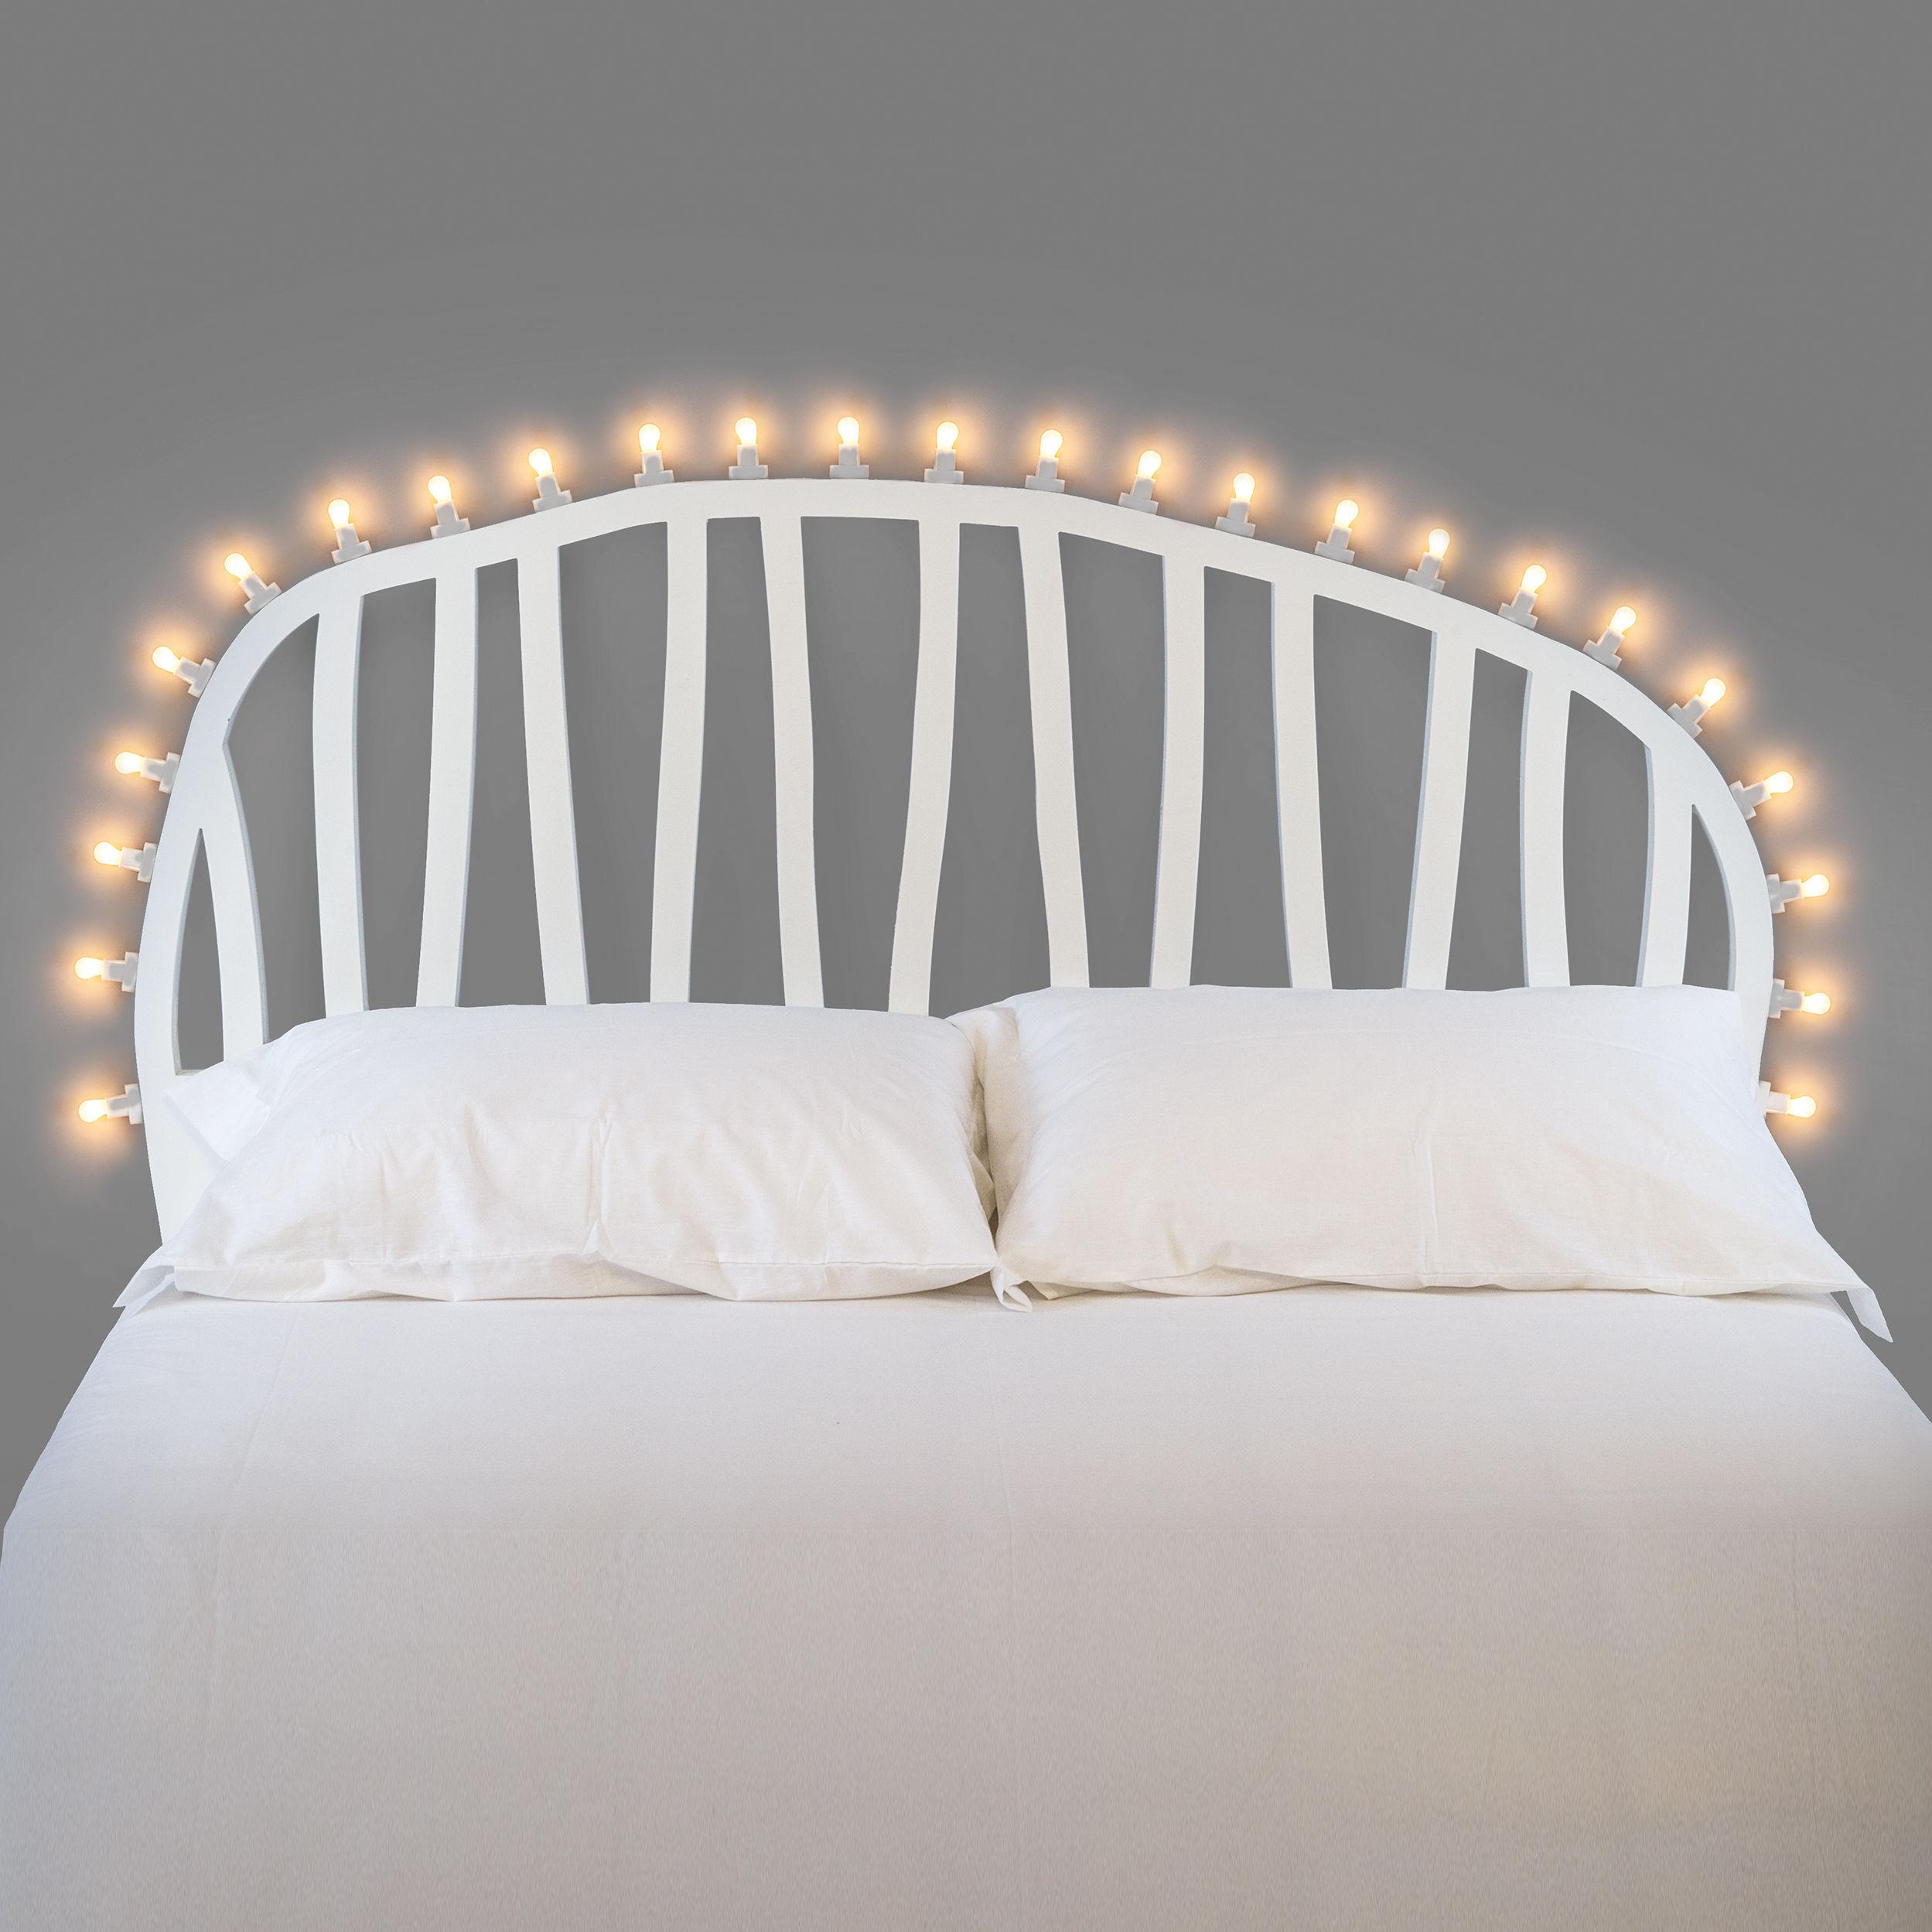 Möbel - Betten - Luminaire Bettkopf / L 170 cm - inkl. Leuchtmittel - Seletti - Weiß - mitteldichte bemalte Holzfaserplatte